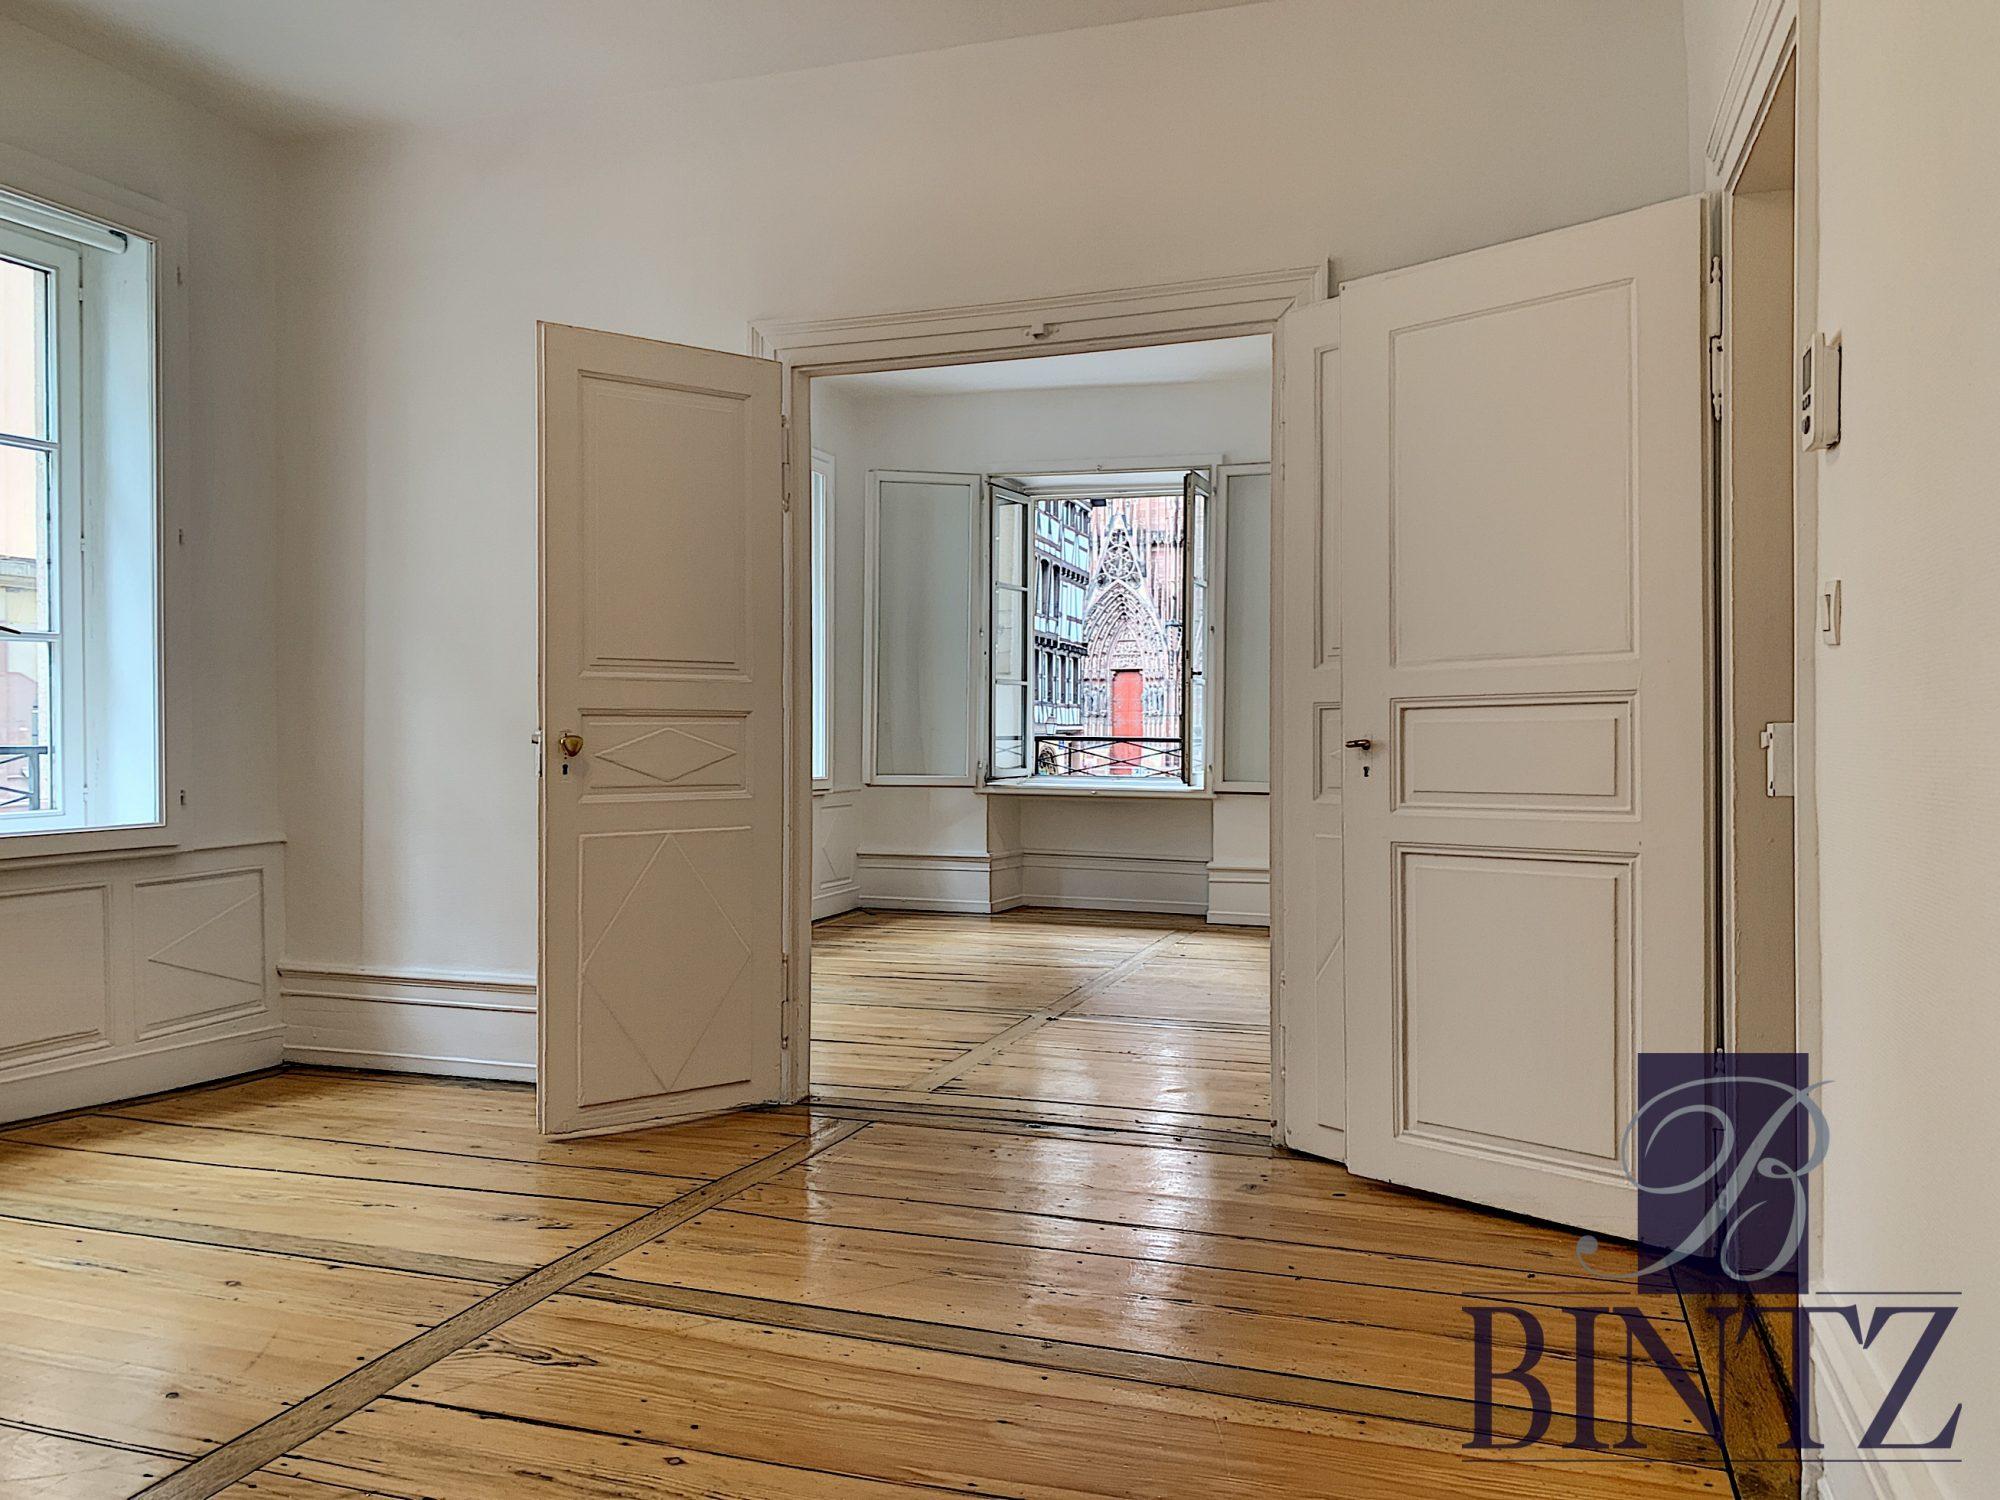 4 PIÈCES FACE A LA CATHÉDRALE - Devenez locataire en toute sérénité - Bintz Immobilier - 1